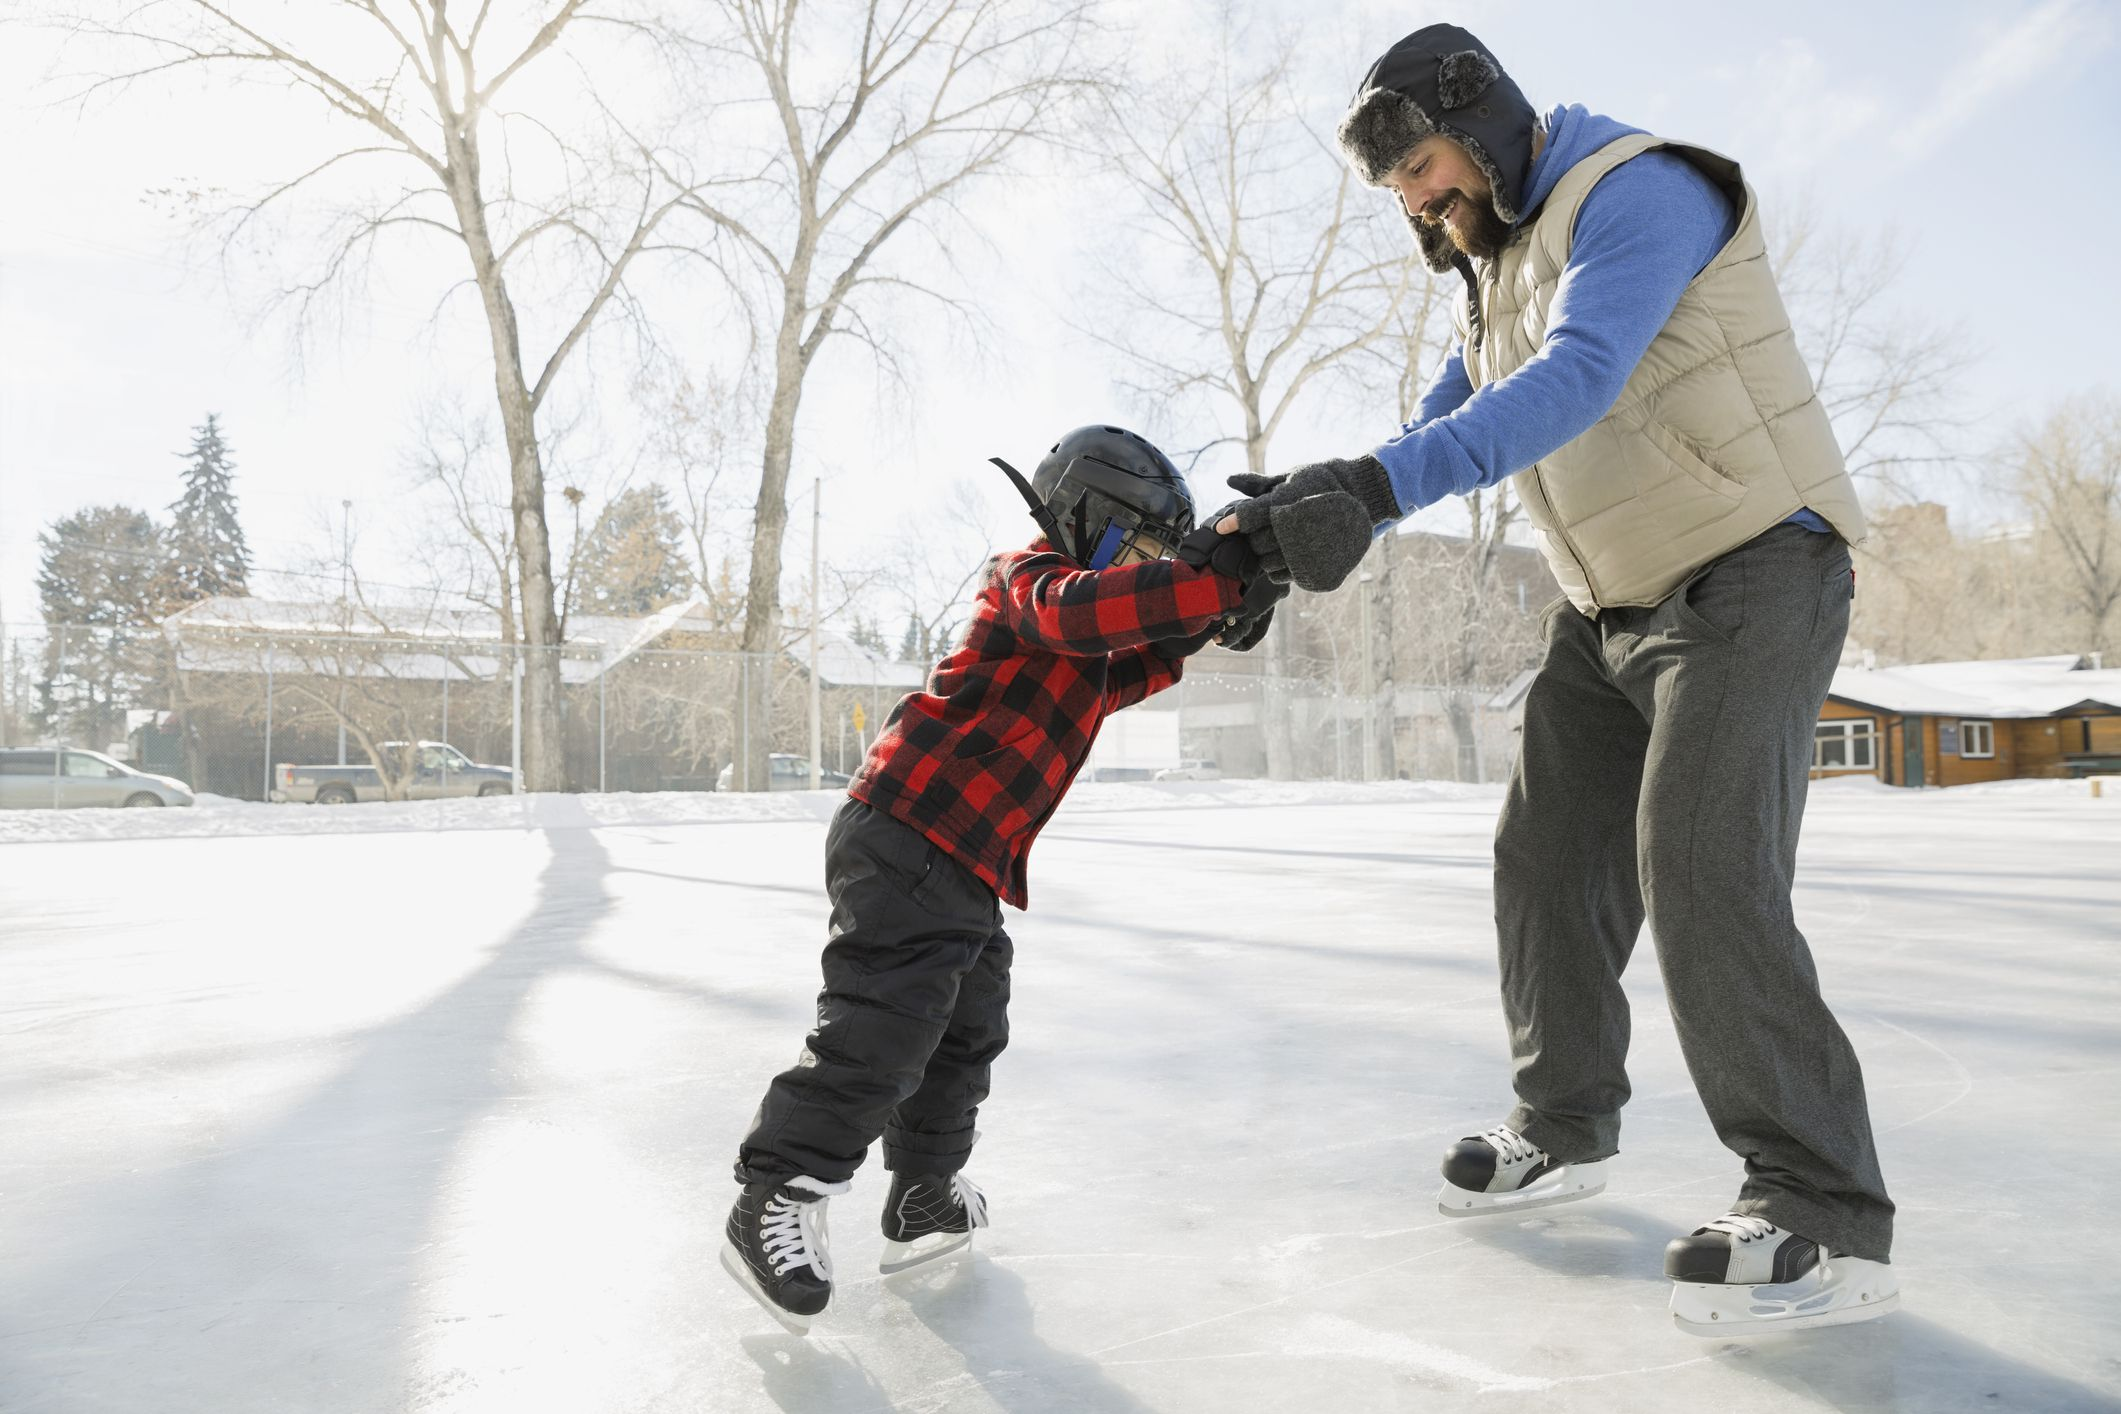 катание на коньках обучение картинки